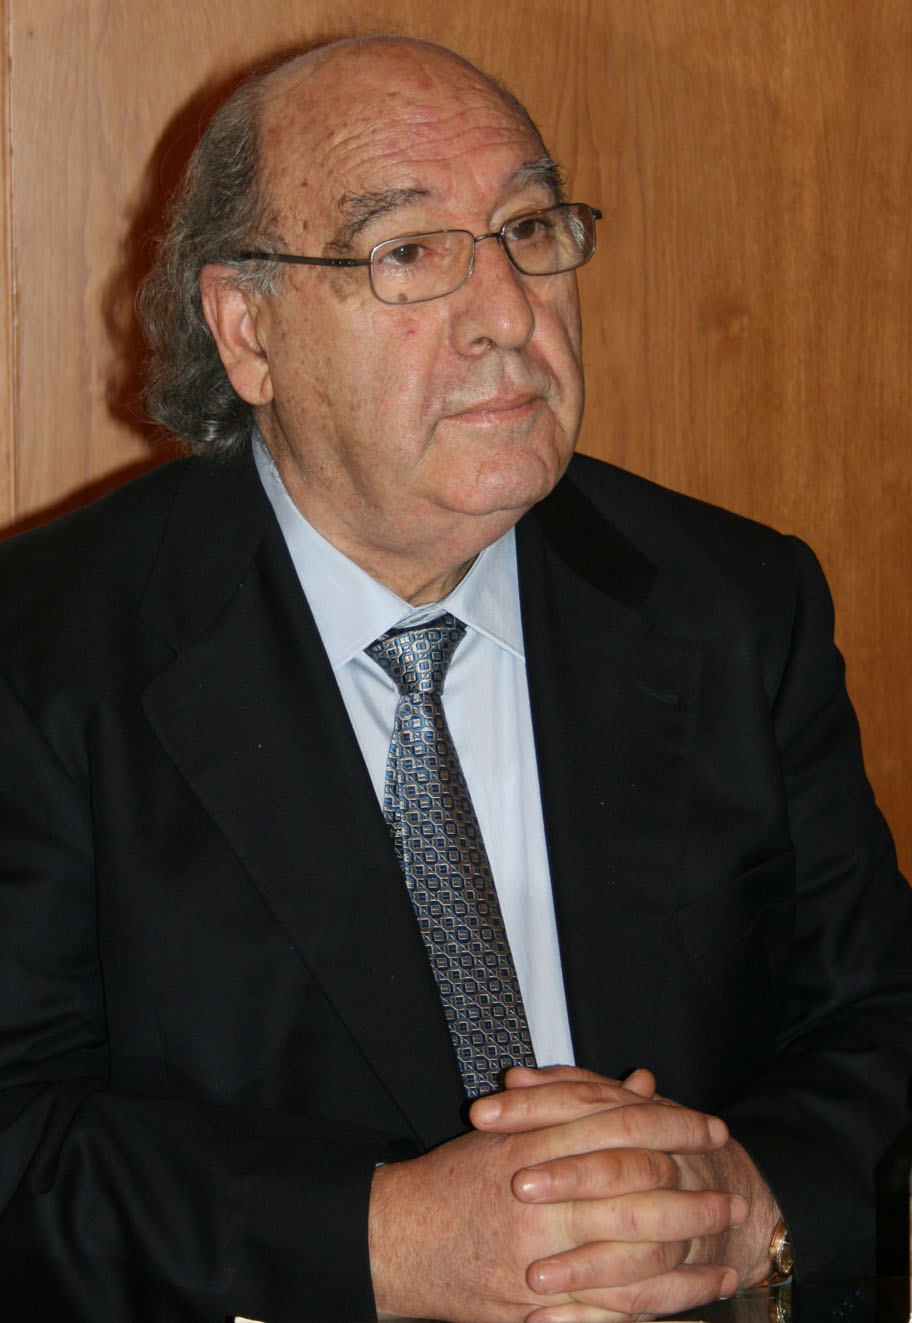 Fora presidente da Real Academia Galega entre 2001 e 2010